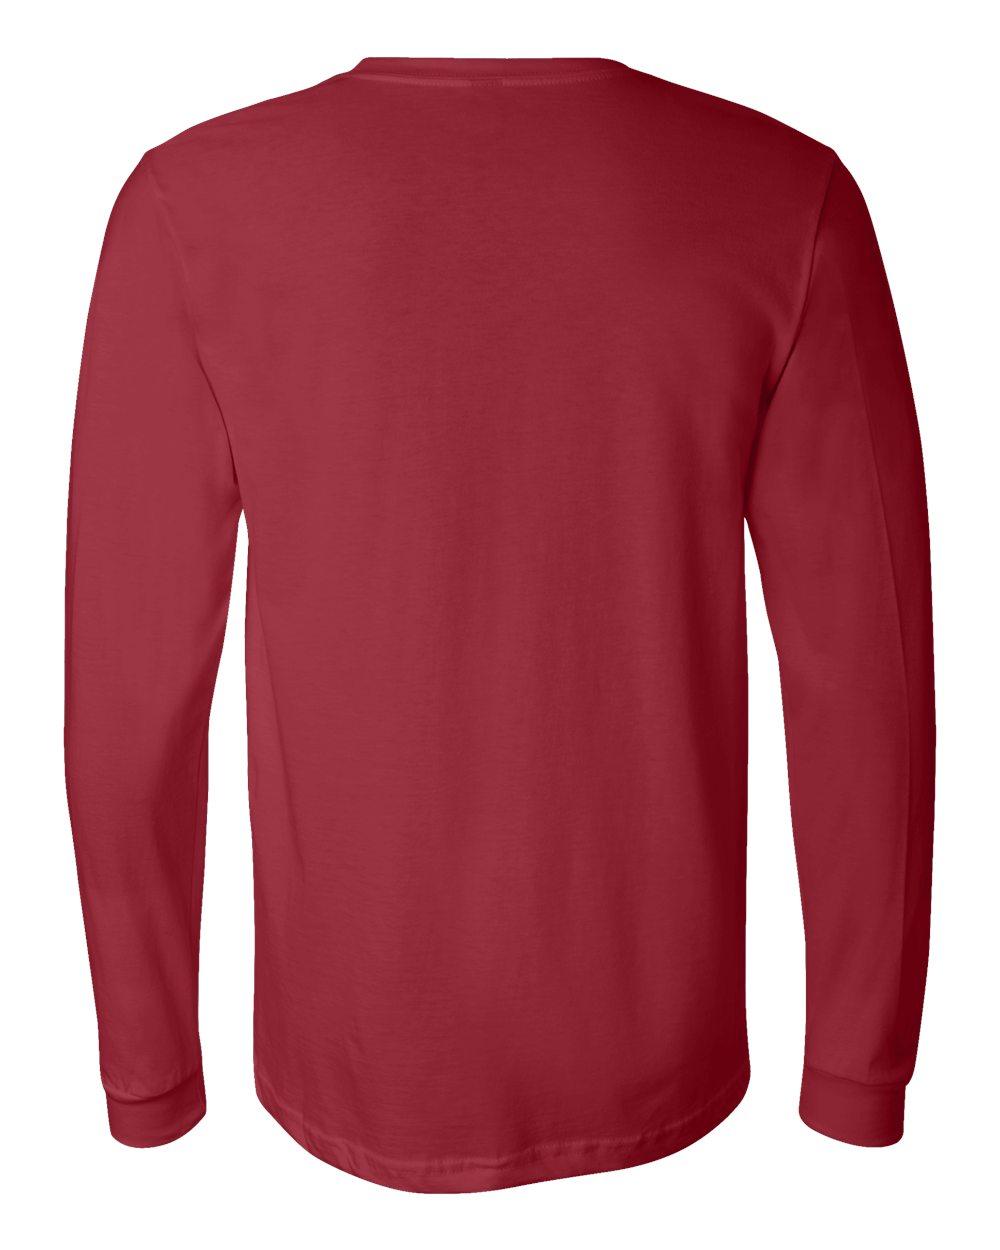 df16800eec5a Bella Canvas Men s Jersey Long-Sleeve T-Shirt 3501 XS-2XL